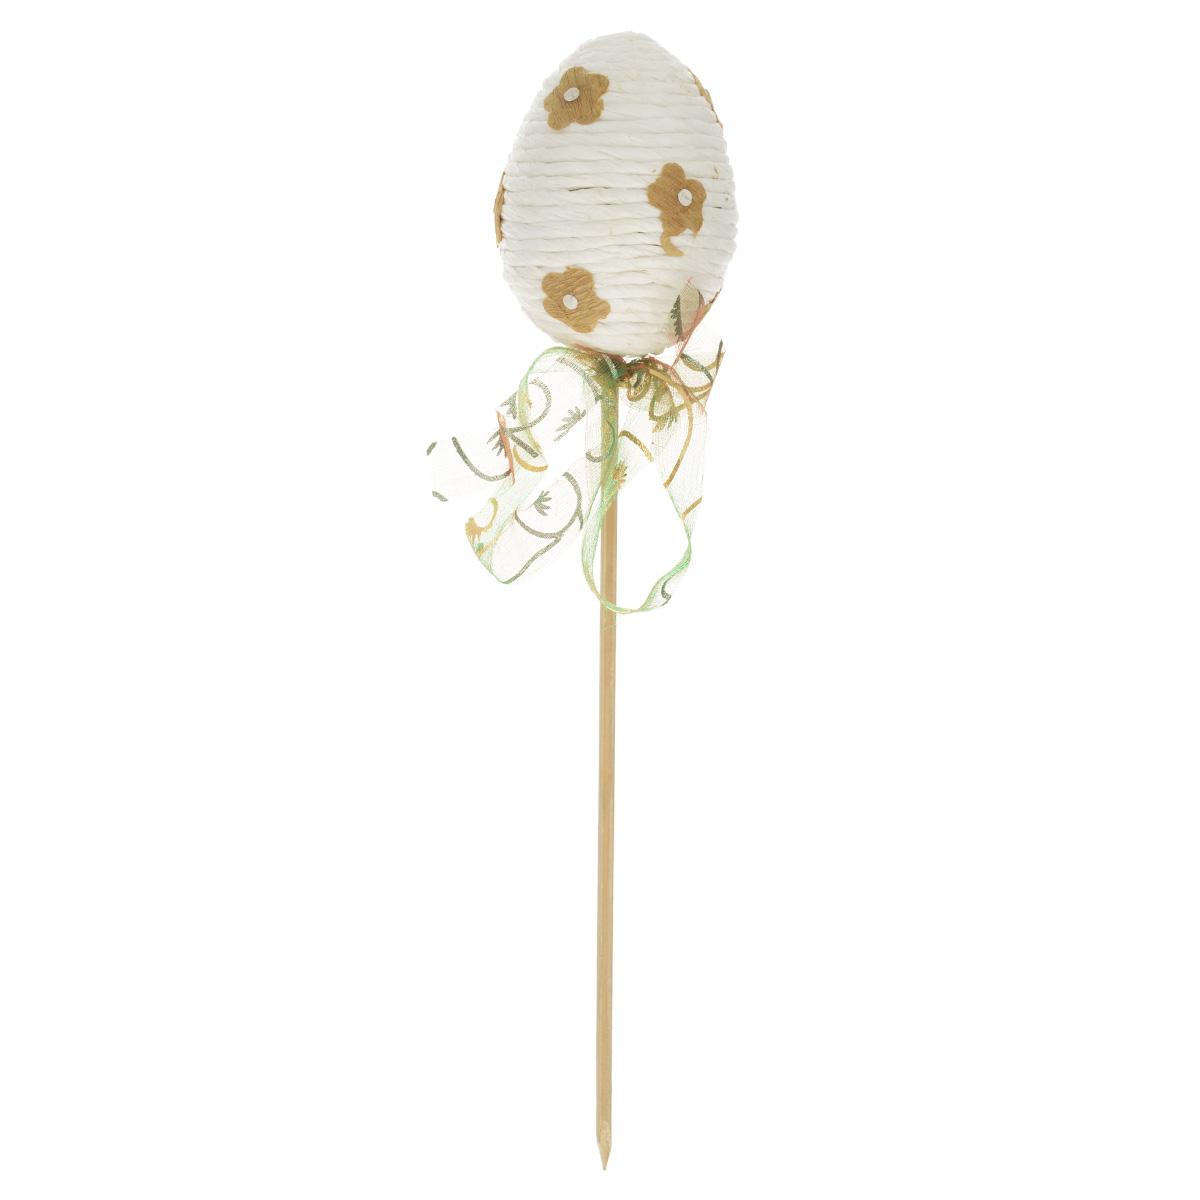 Декоративное украшение на ножке Home Queen Яйцо веселое, цвет: белый, высота 21 см60743_1Декоративное украшение Home Queen Яйцо веселое выполнено из пенопласта и бумаги в виде пасхального яйца на деревянной ножке, декорированного рельефными бумажными цветами. Изделие украшено полупрозрачной лентой.Такое украшение прекрасно дополнит подарок для друзей или близких на Пасху.Высота: 21 см. Размер яйца: 5 см х 5 см.